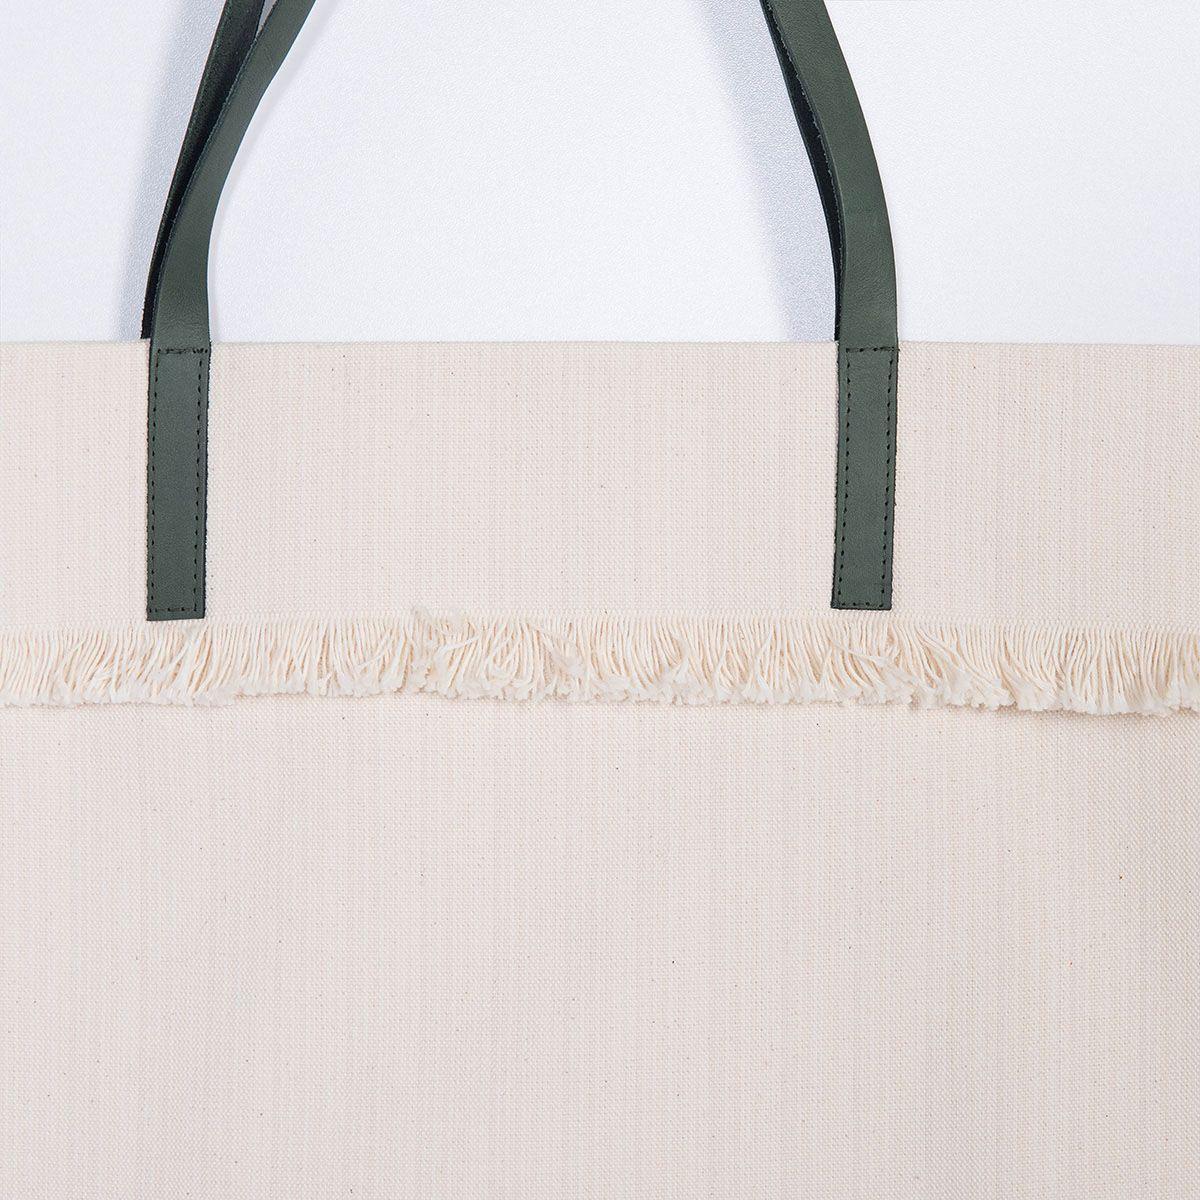 Çanta - Mars / Haki Çizgili ve Saplı